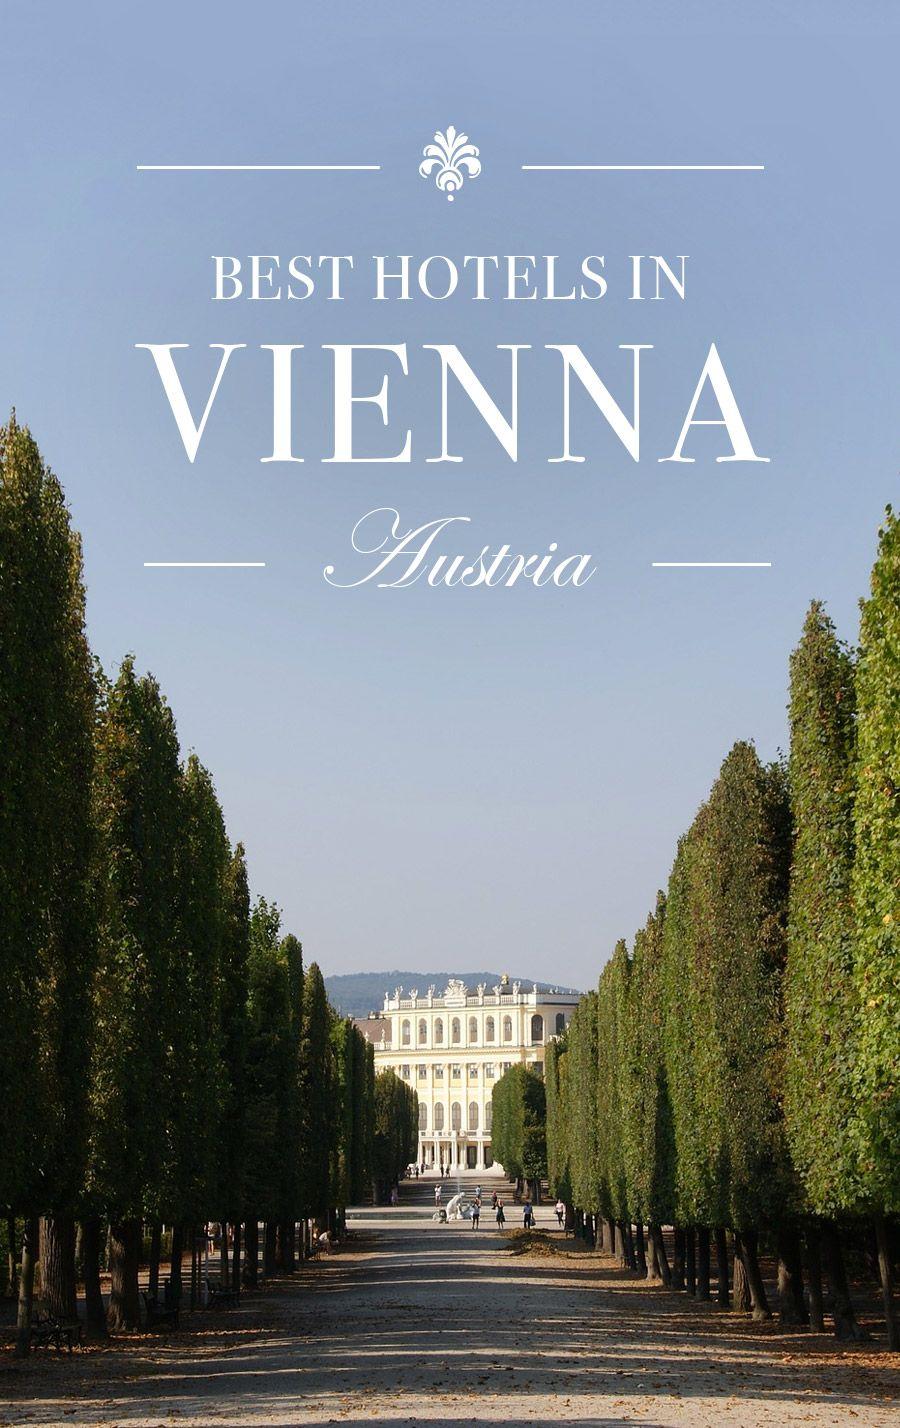 Hotels In Vienna Austria 2019 Viena